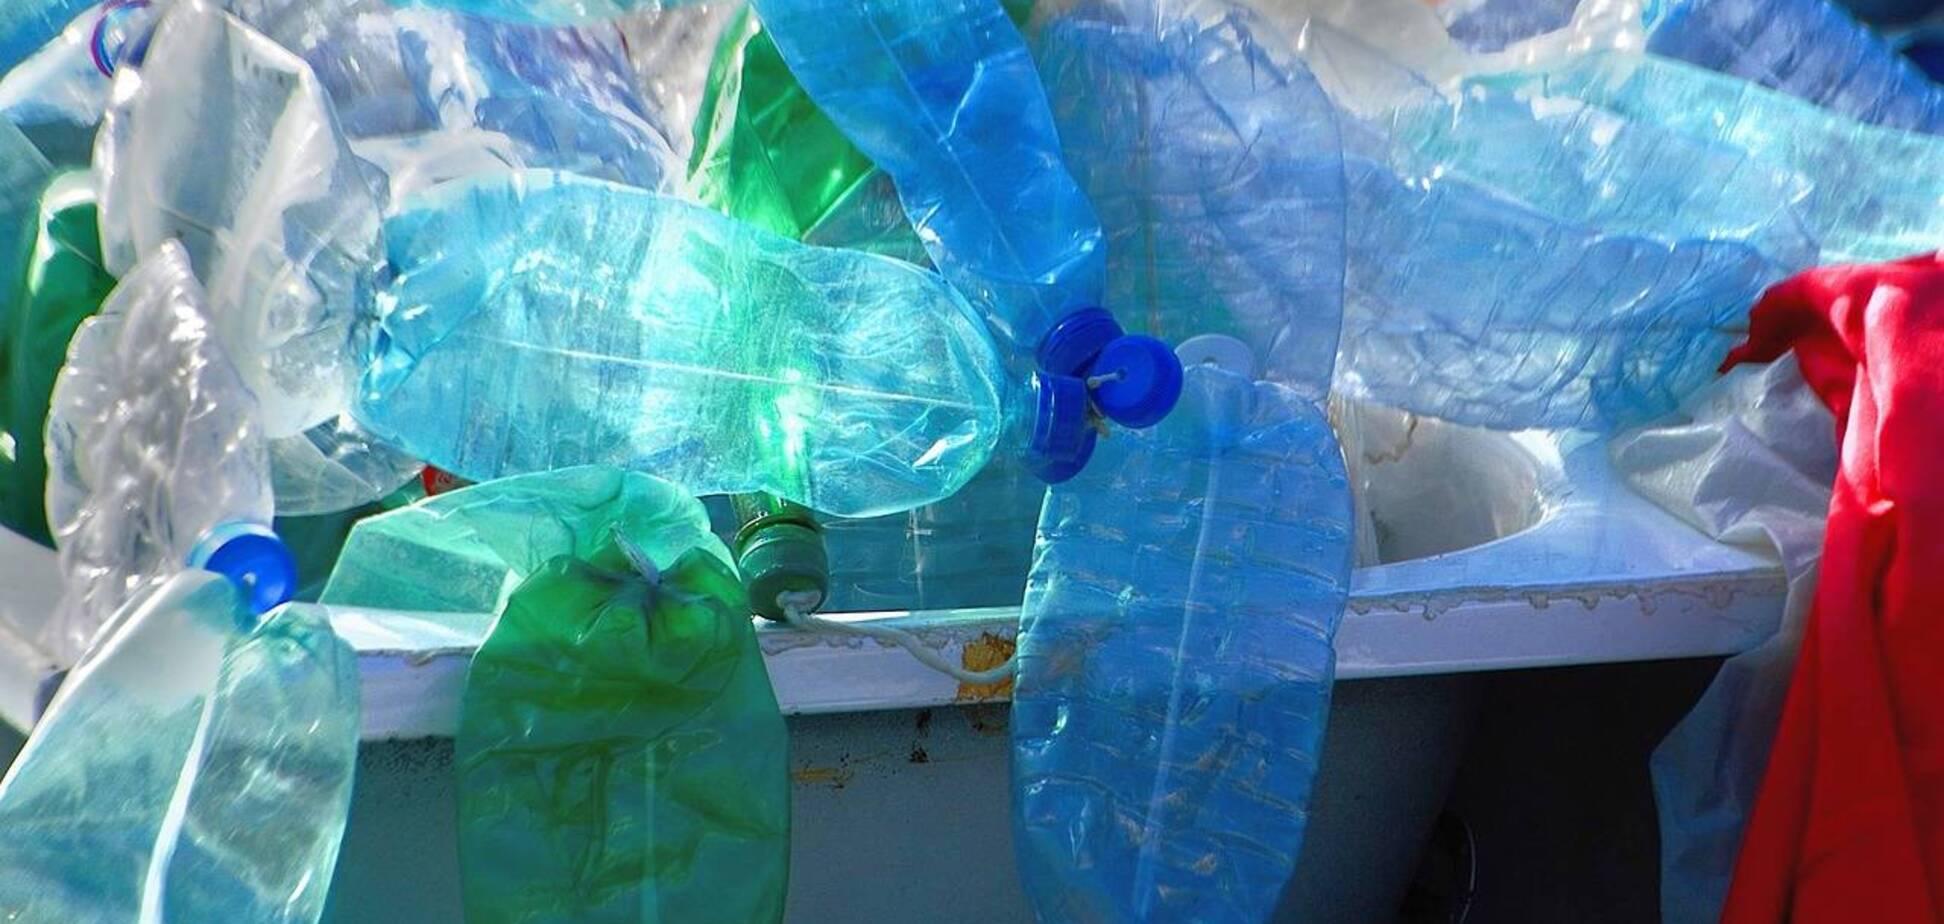 В Киеве активно устанавливают контейнеры для раздельного сбора мусора